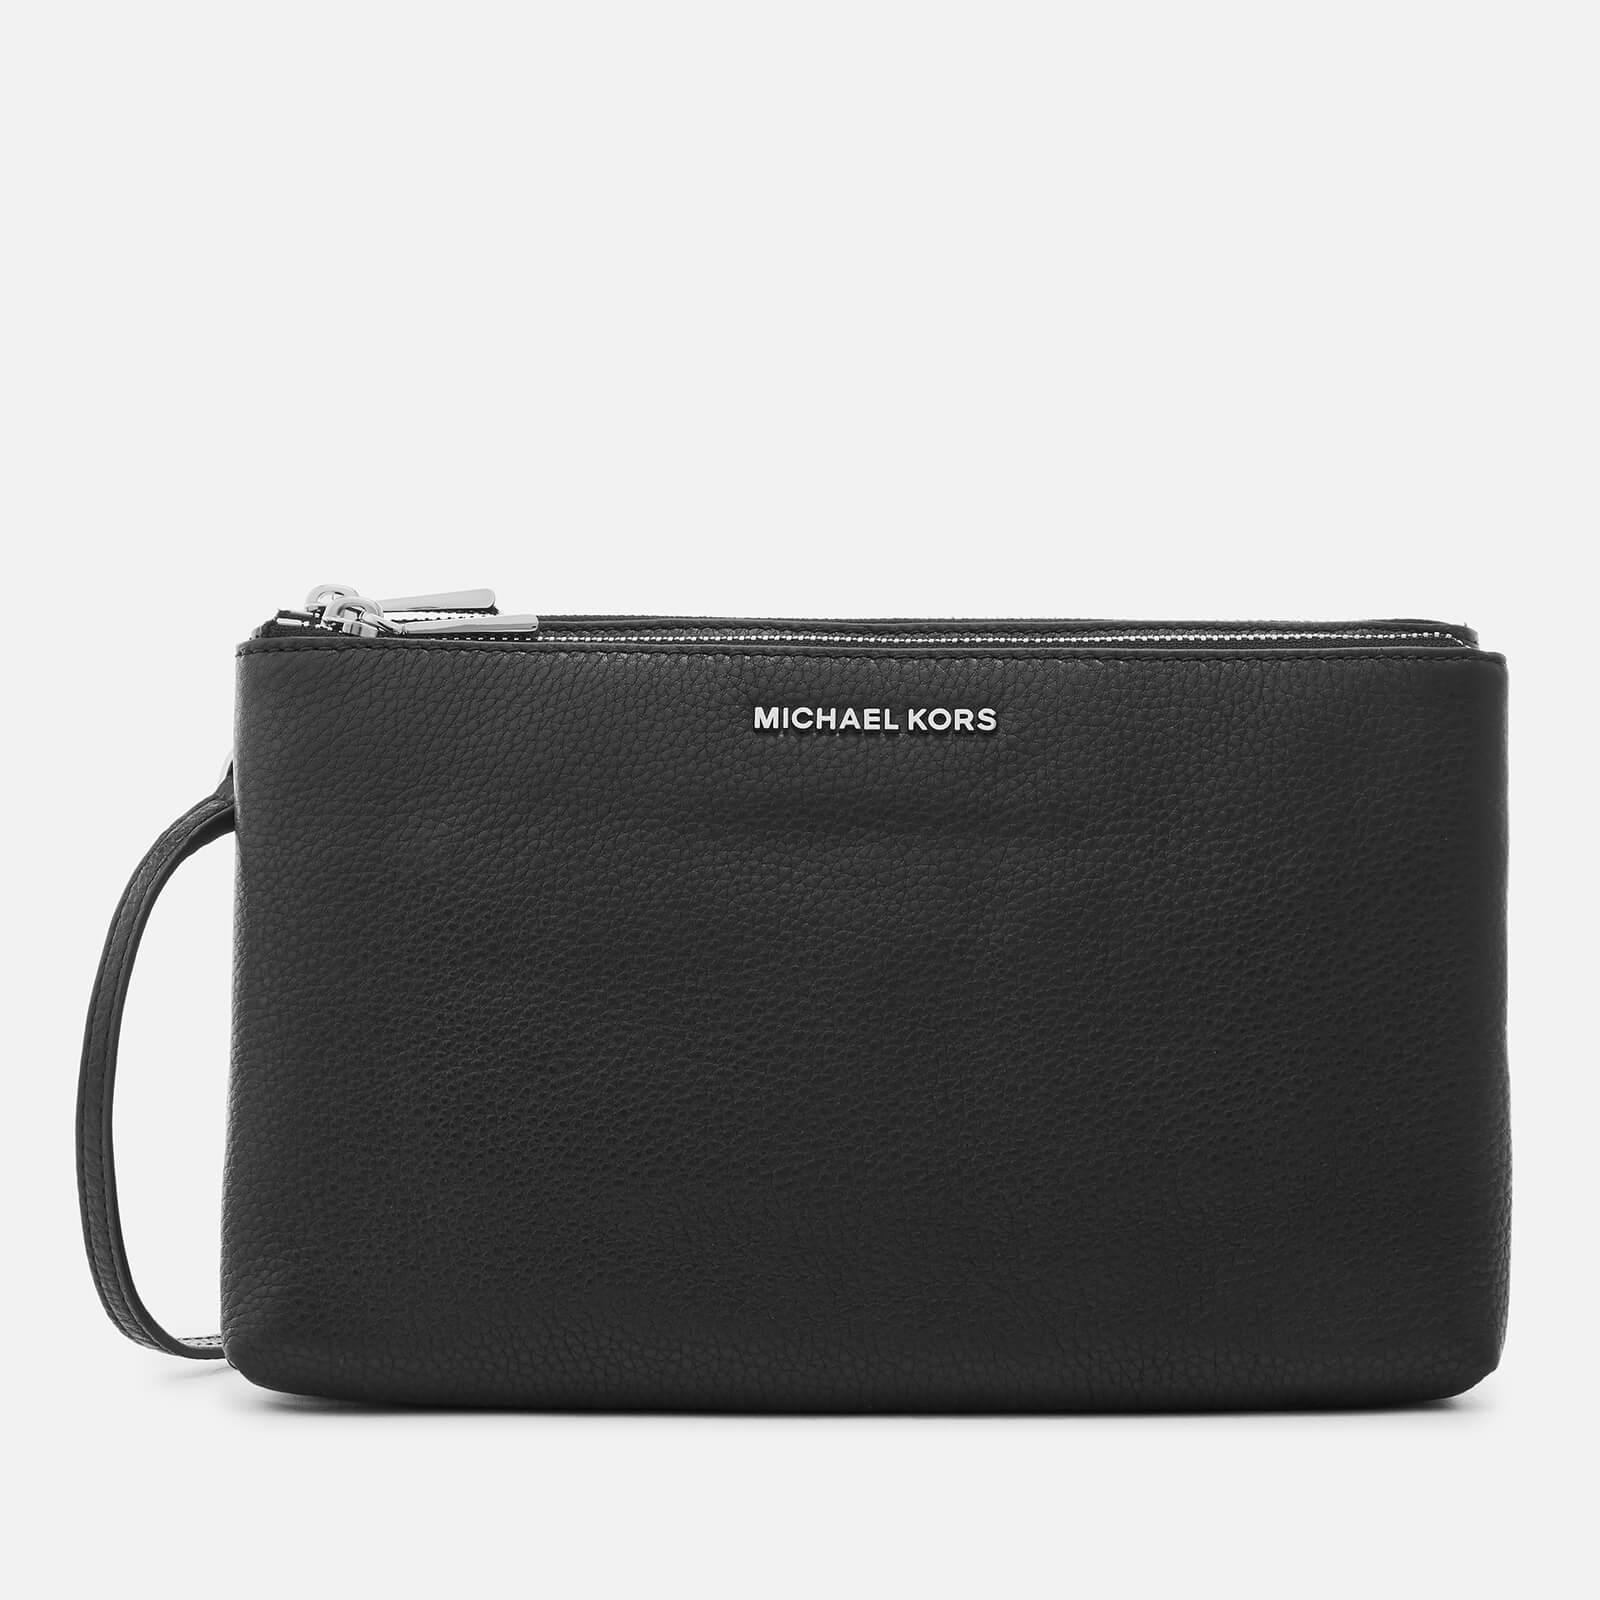 485eff92fce4 Michael Michael Kors Adele Double Zip Cross Body Bag in Black - Lyst